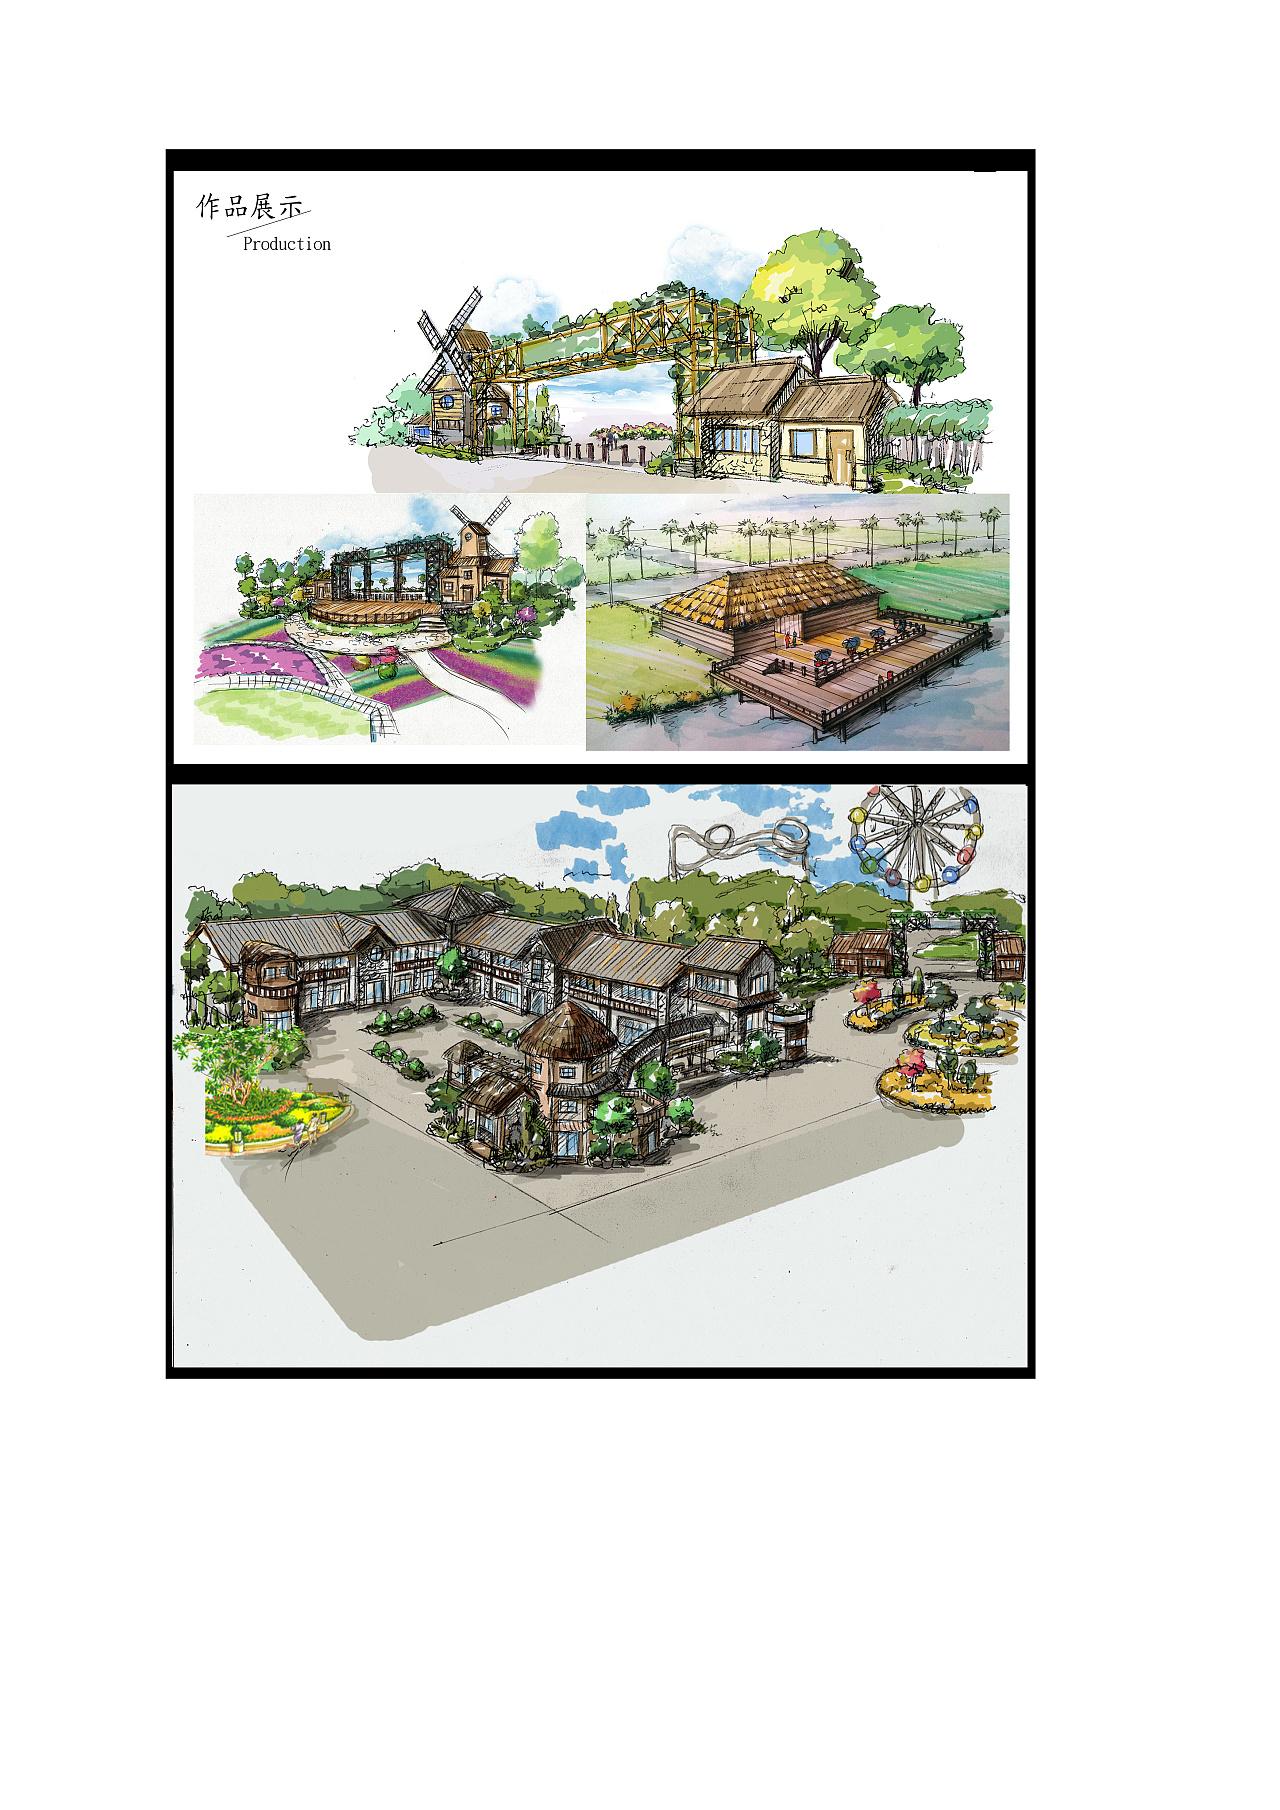 儿童游乐园项目手绘效果图